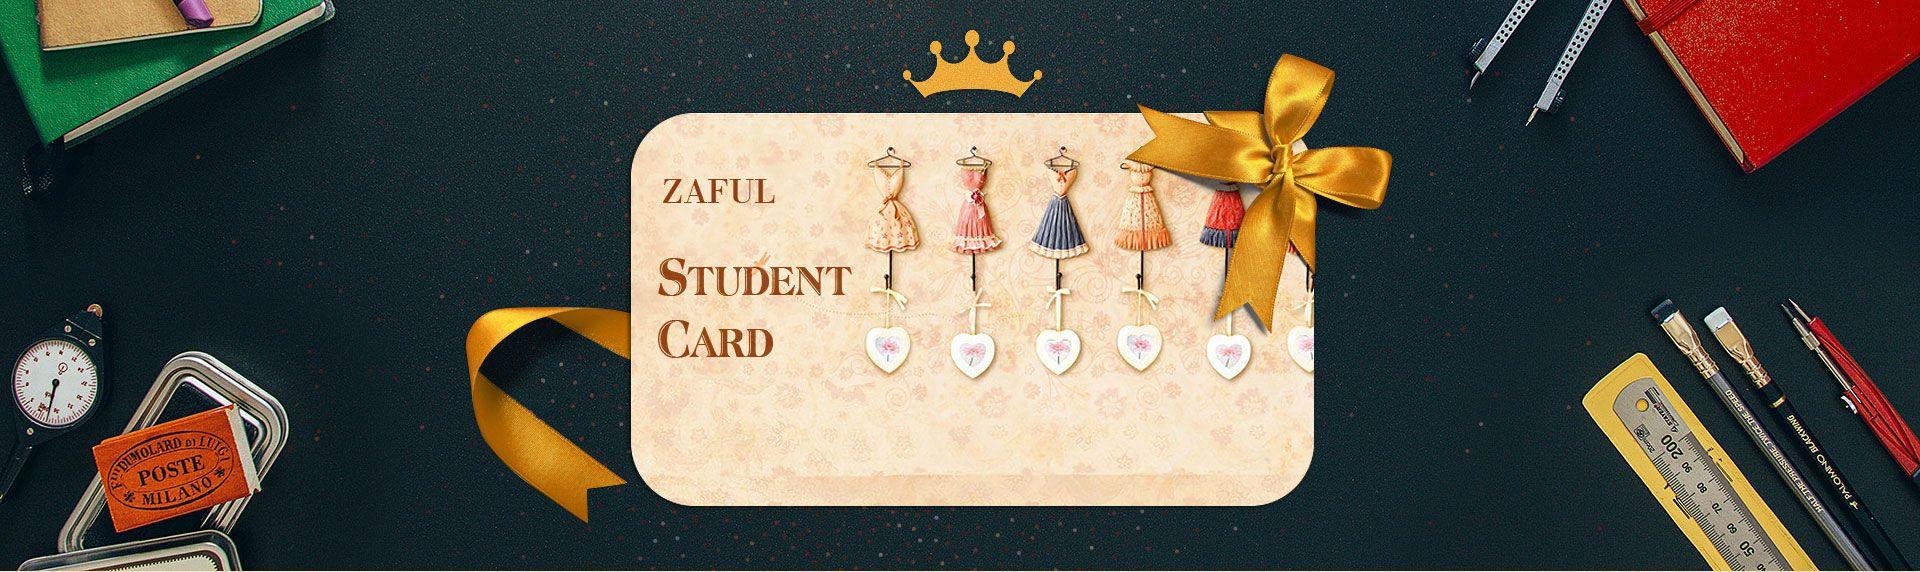 Zaful Student Card